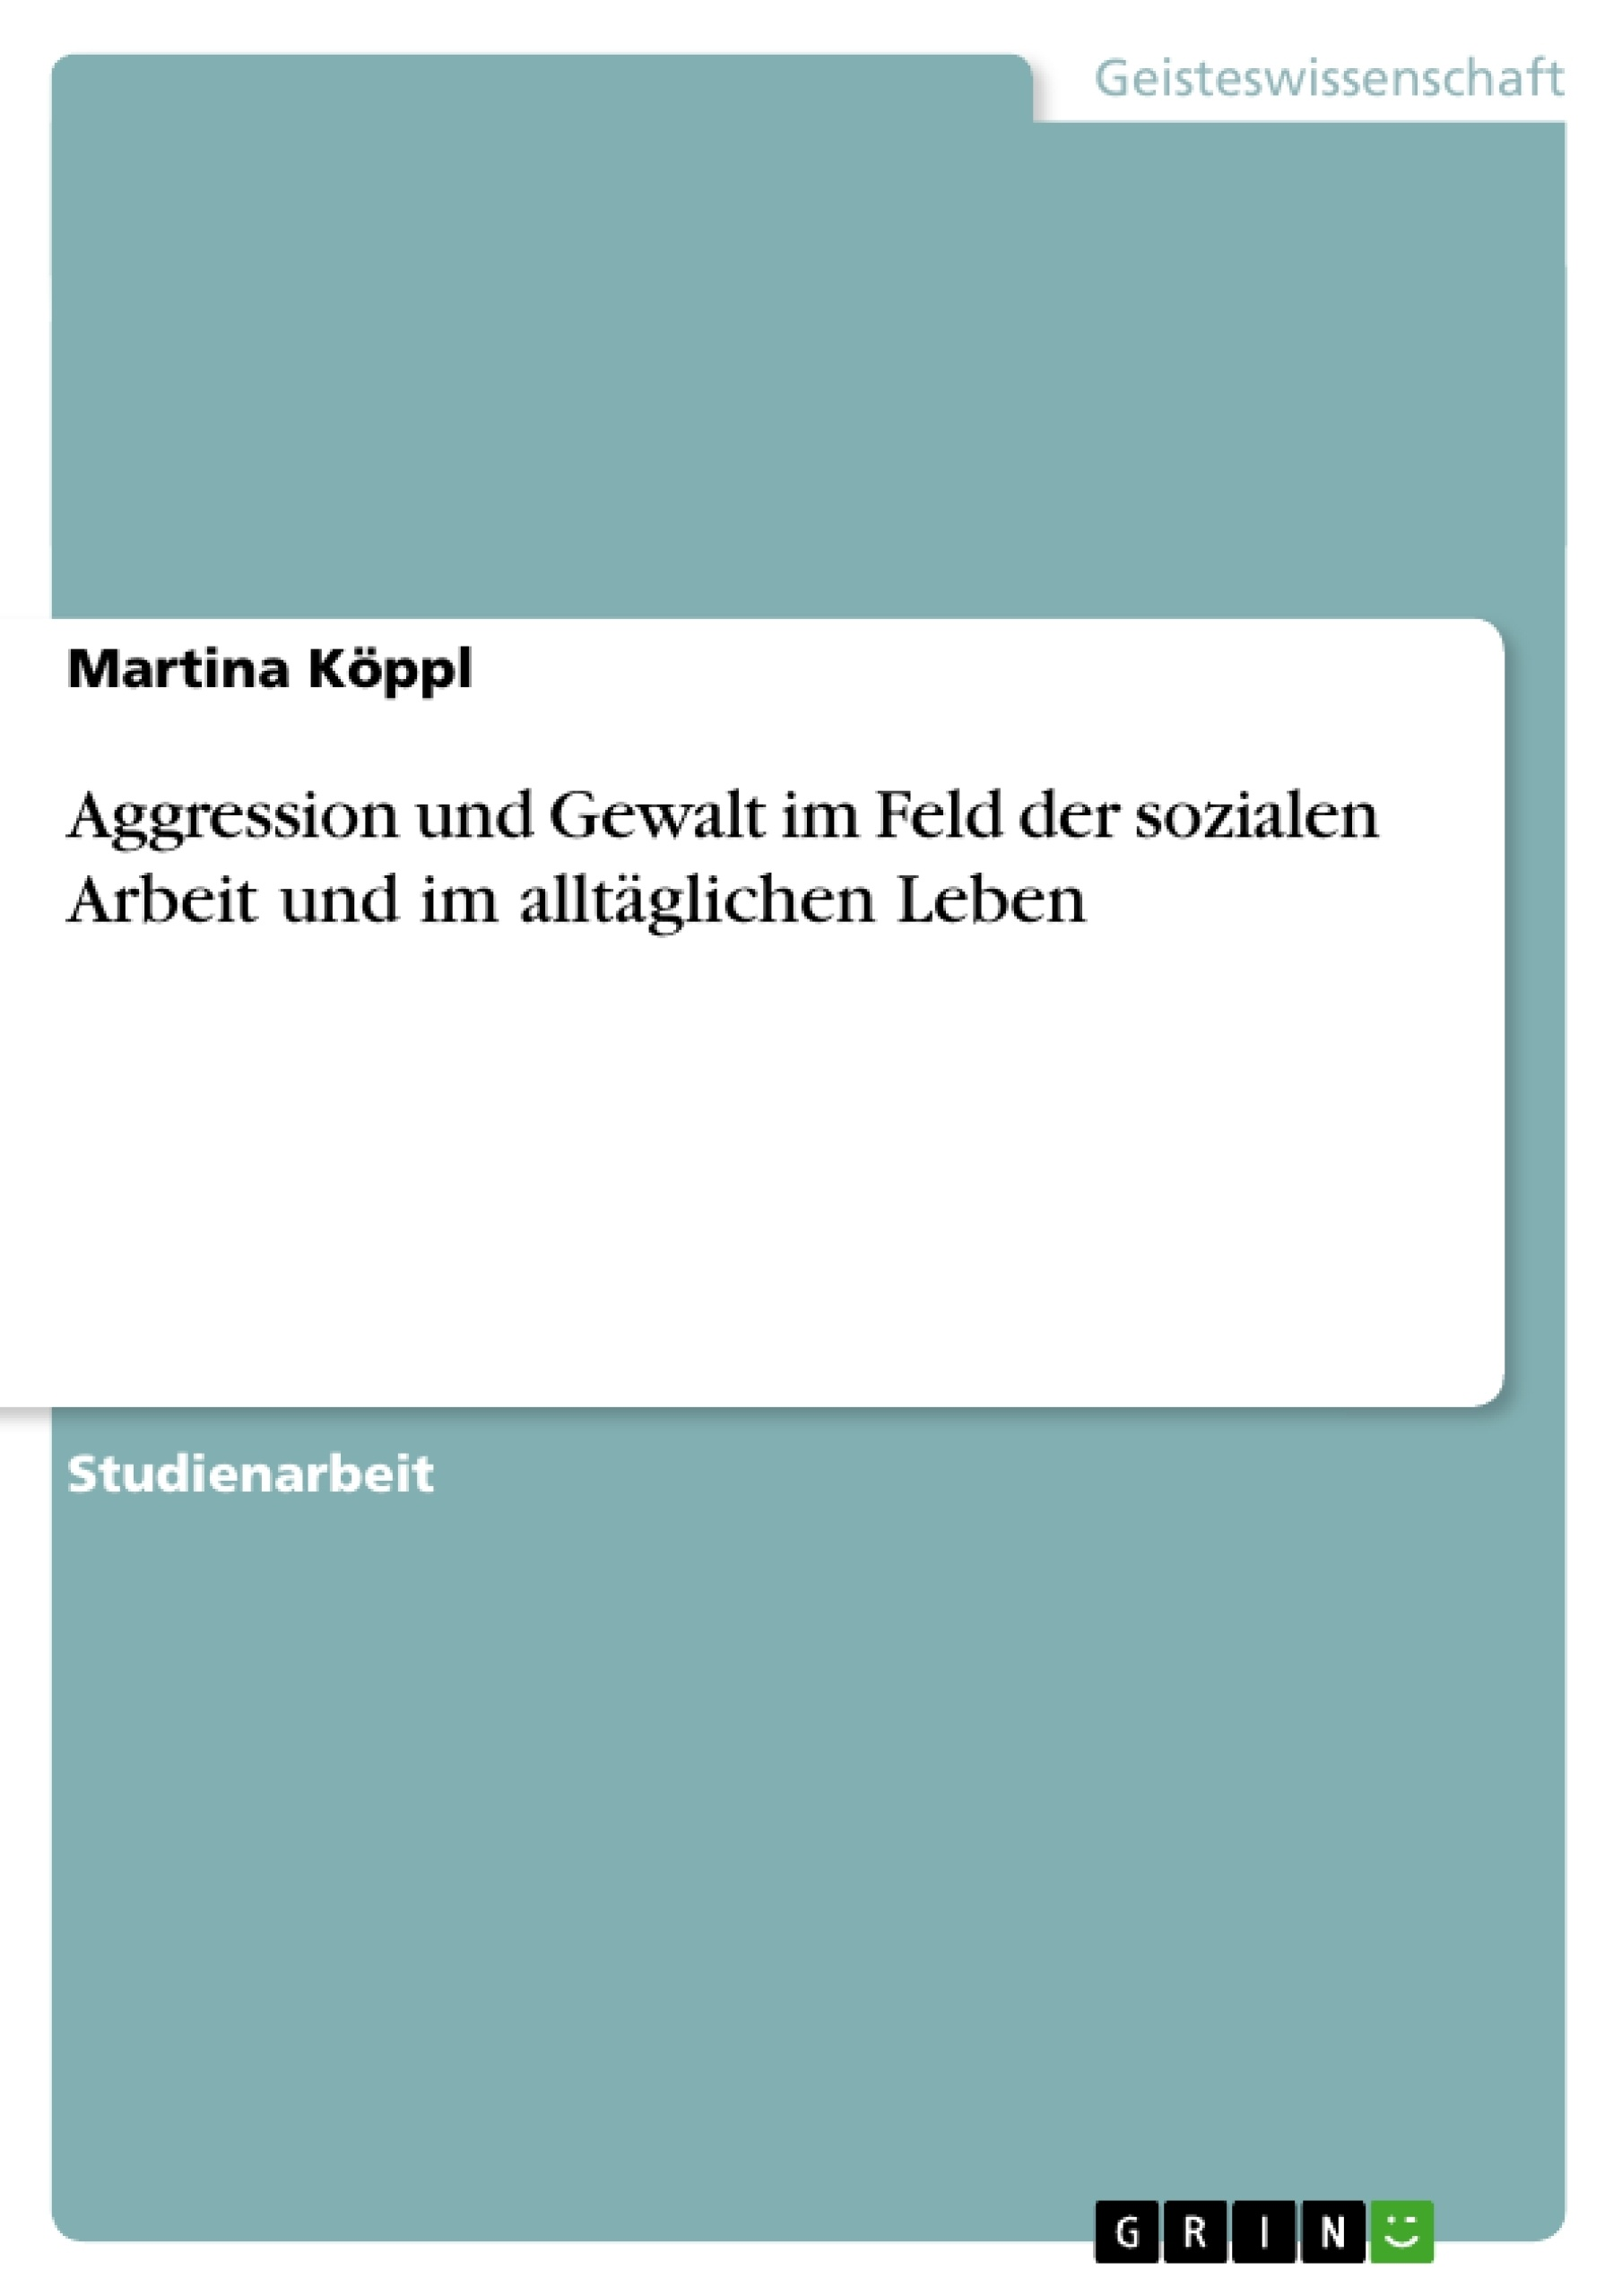 Titel: Aggression und Gewalt im Feld der sozialen Arbeit und im alltäglichen Leben